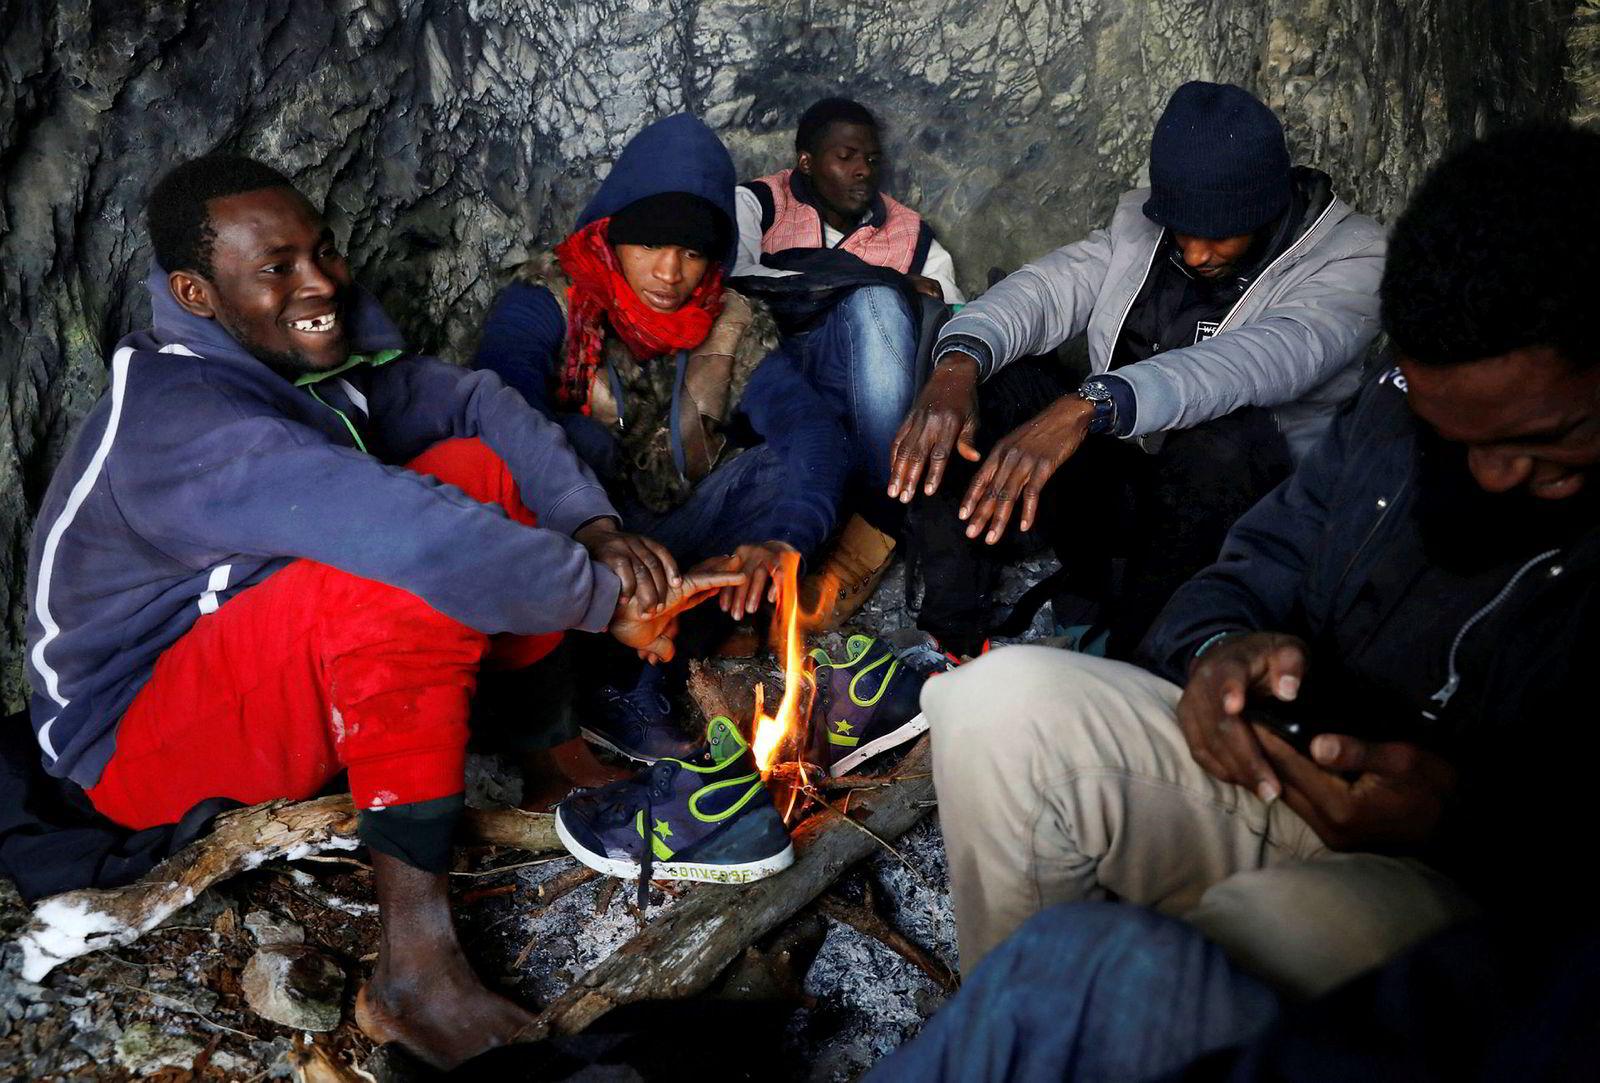 28-år gamle Kamarra (til venstre) fra Guinea og en gjeng innvandrere forsøker å få varmen i seg etter å ha krysset deler av Alpene fra Italia til den franske alpelandsbyen Nevache. Bildet er tatt i slutten av desember.